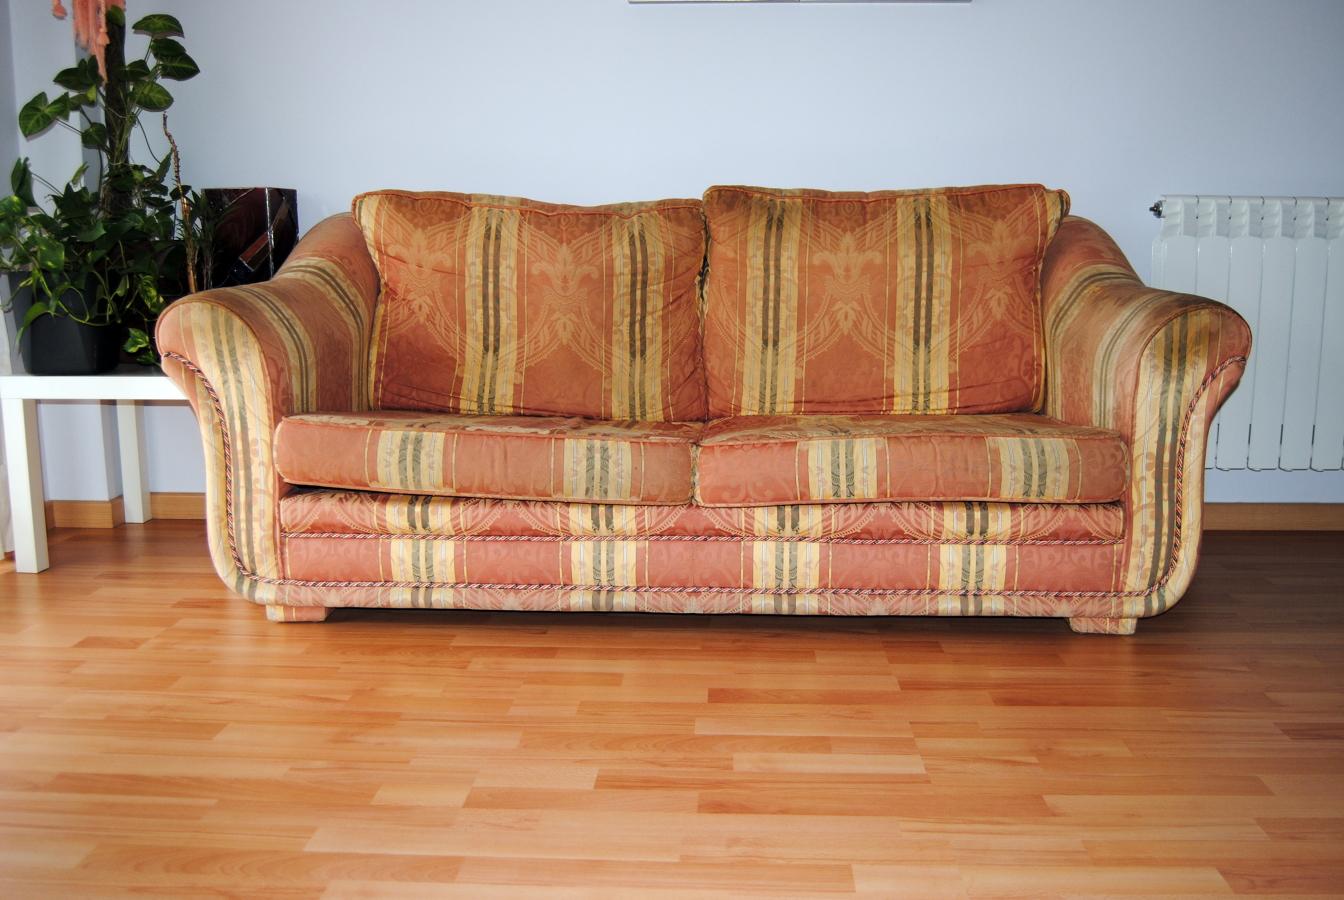 Tapizar muebles como tapizar un sofa related keywords - Tapizar sofa ...